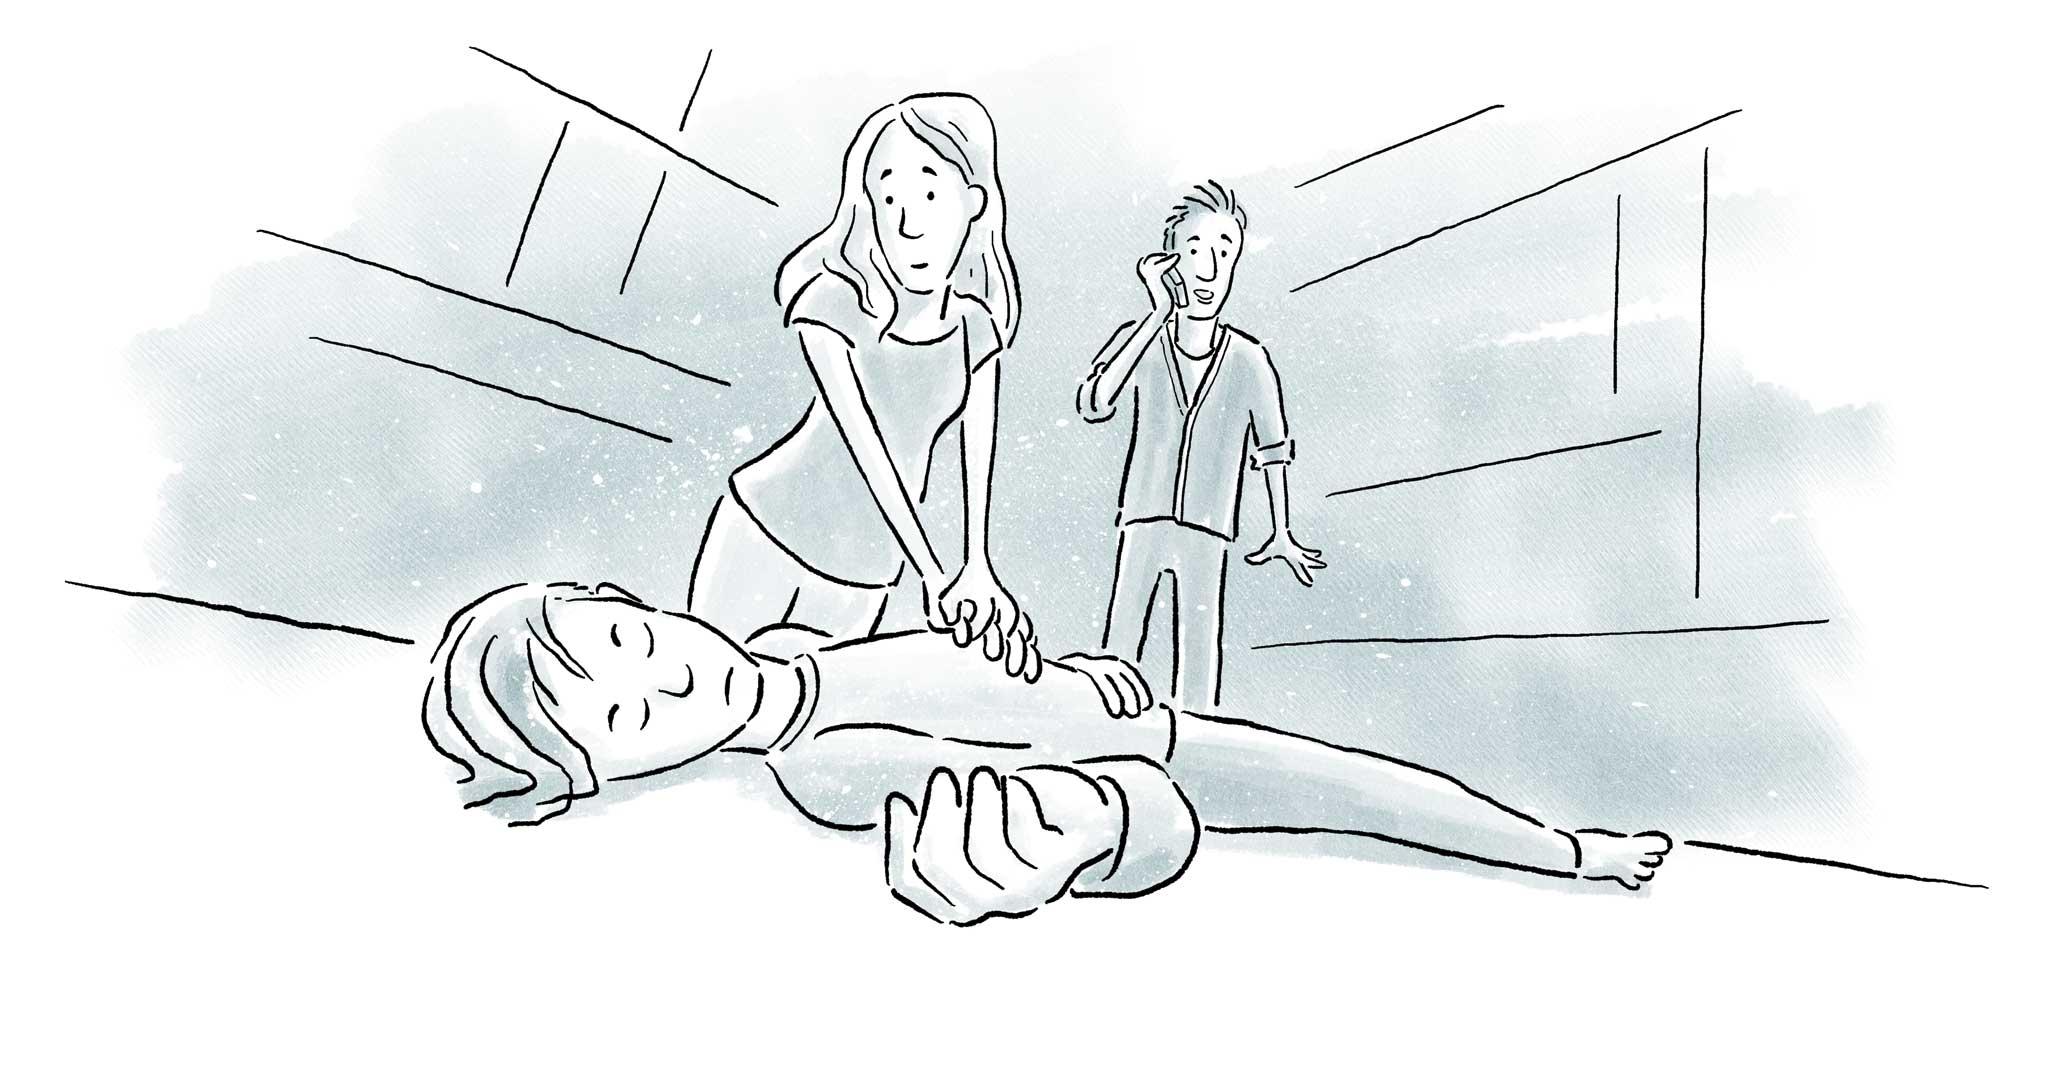 Erste Hilfe kann in vielen Fällen SUDEP verhindern.